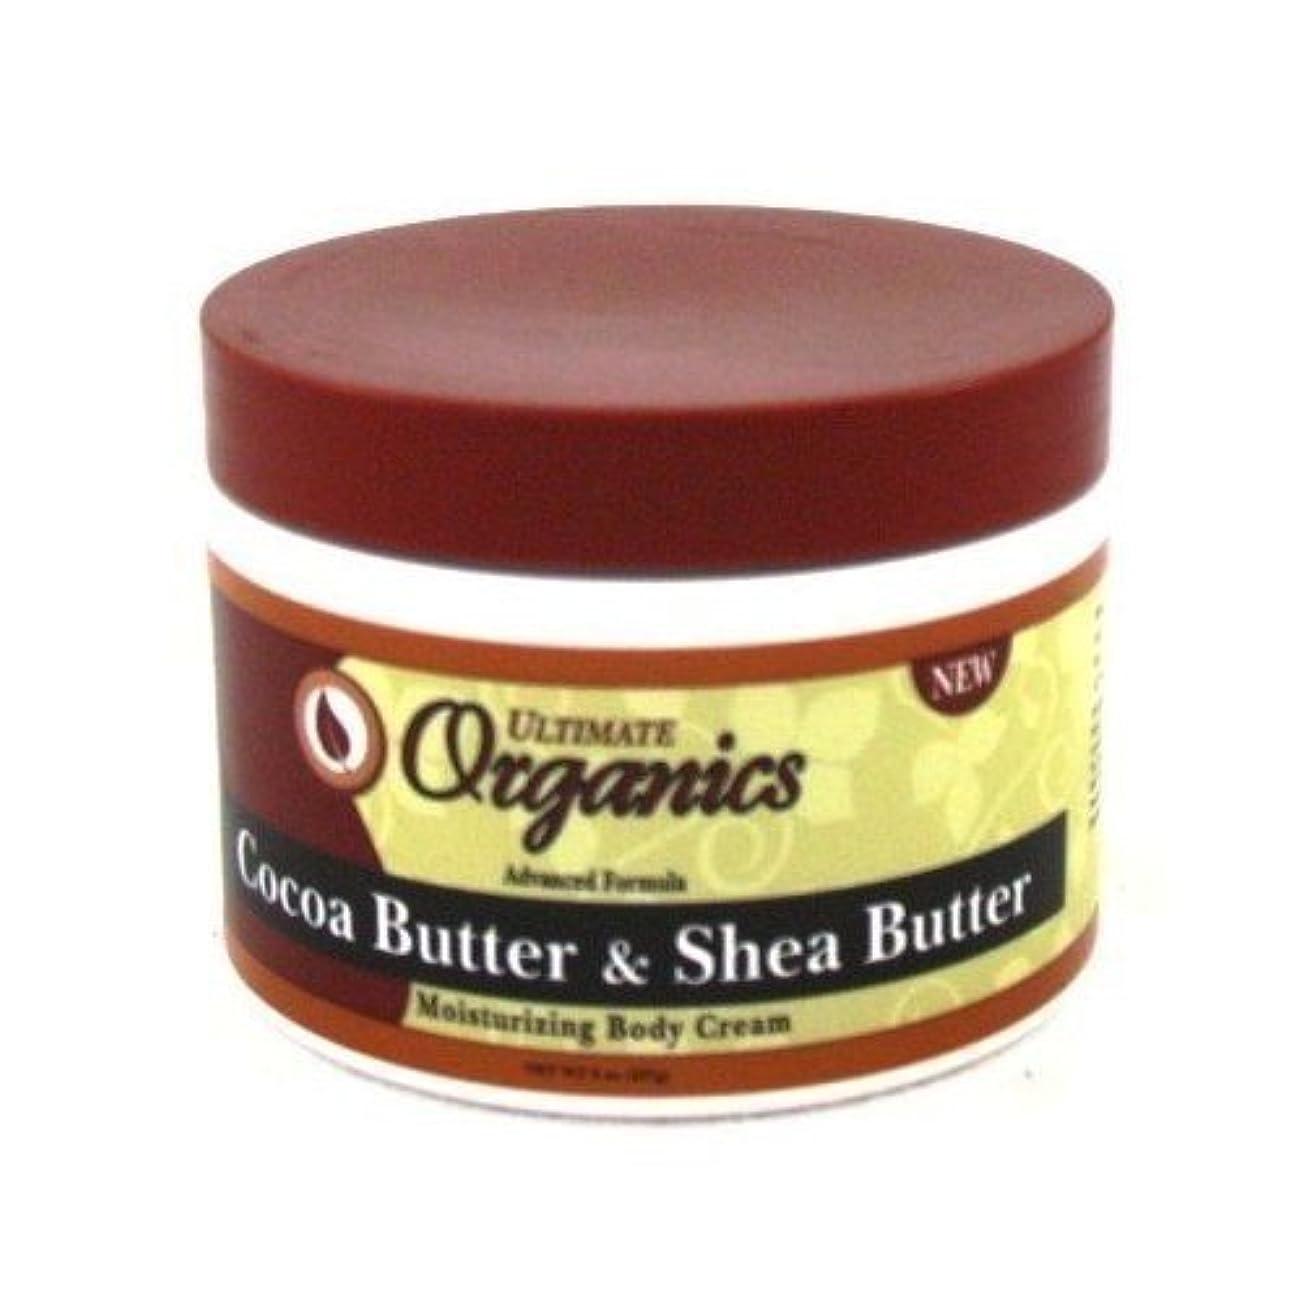 透過性足枷孤独なUltimate Organics Cocoa Butter & Shea Butter Body Cream 235 ml (並行輸入品)